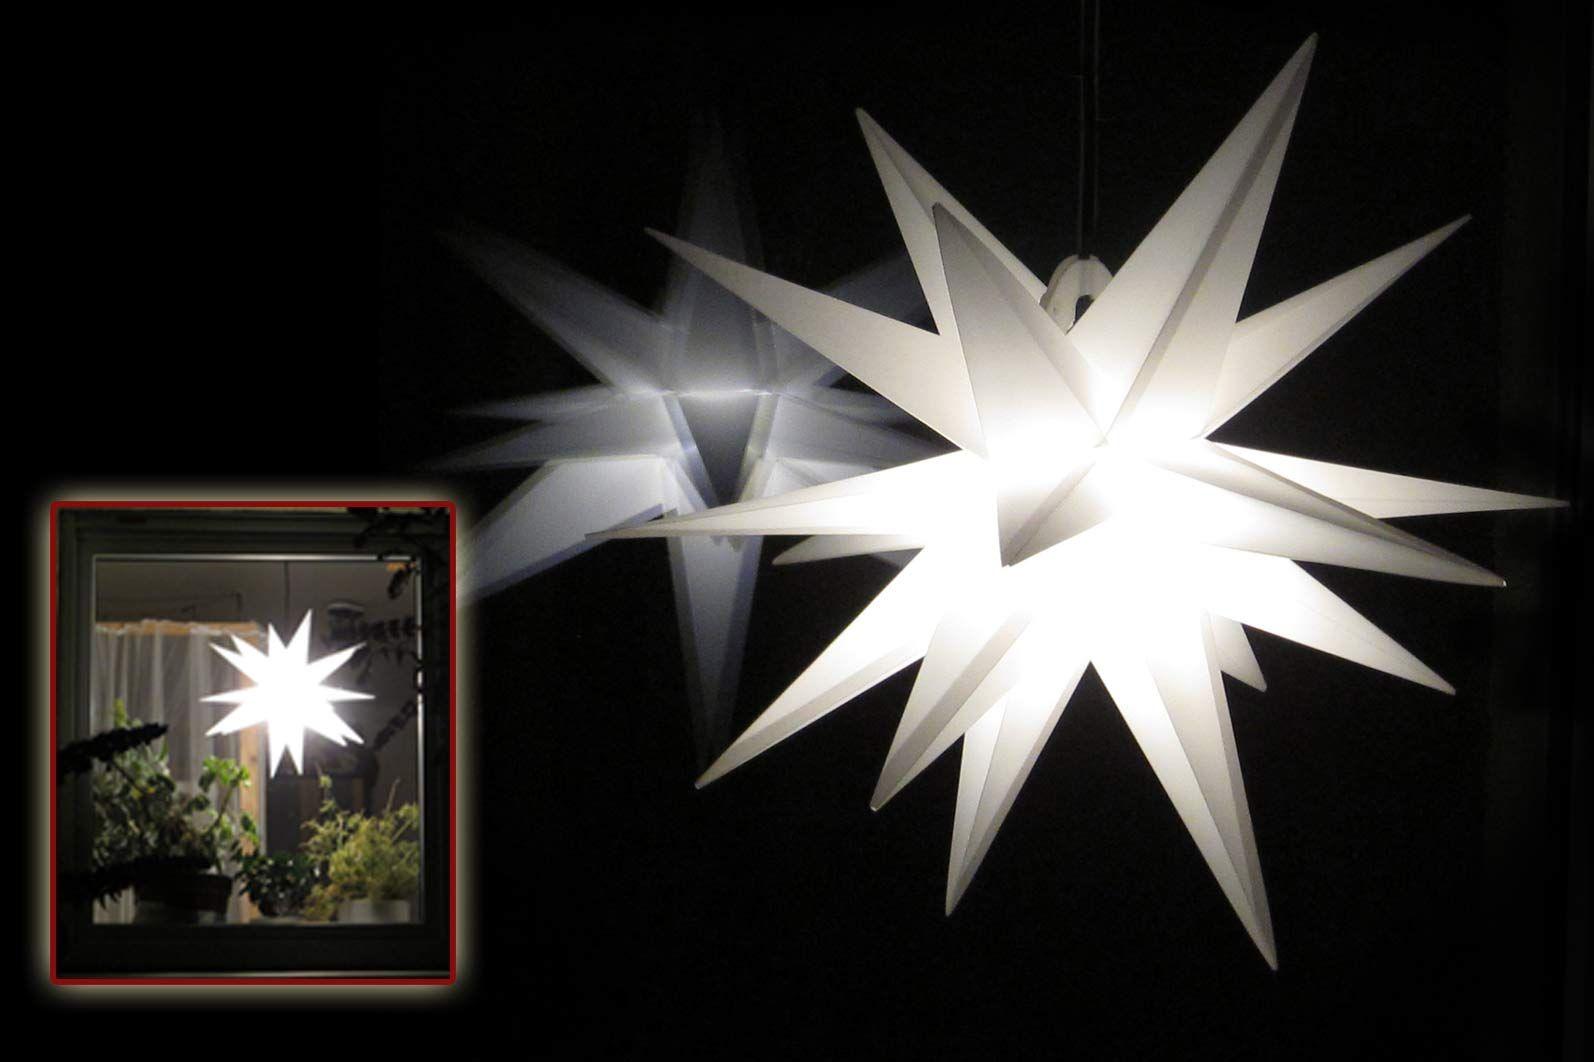 Full Size of Weihnachtsbeleuchtung Fenster Ohne Kabel Innen Figuren Mit Hornbach Stern Led Silhouette Kabellos Pyramide Batteriebetrieben Bunt Rolladenkasten Fenster Weihnachtsbeleuchtung Fenster